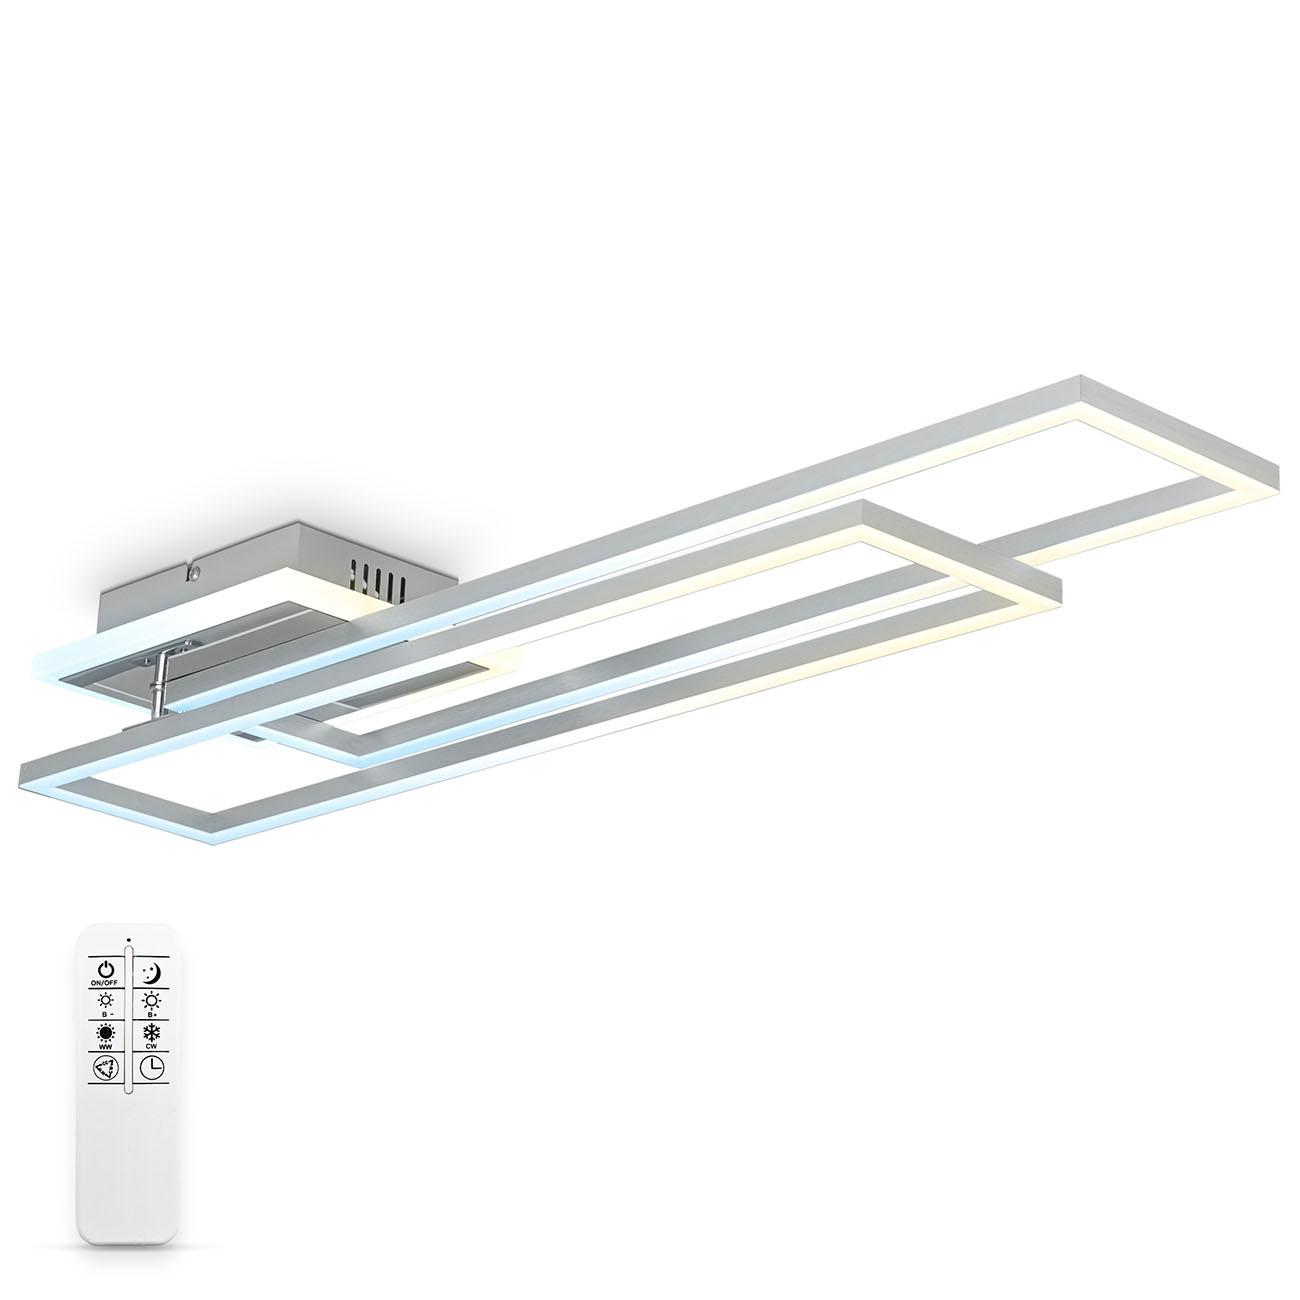 CCT LED Deckenleuchte mit Farbwechsel beleuchteter Baldachin